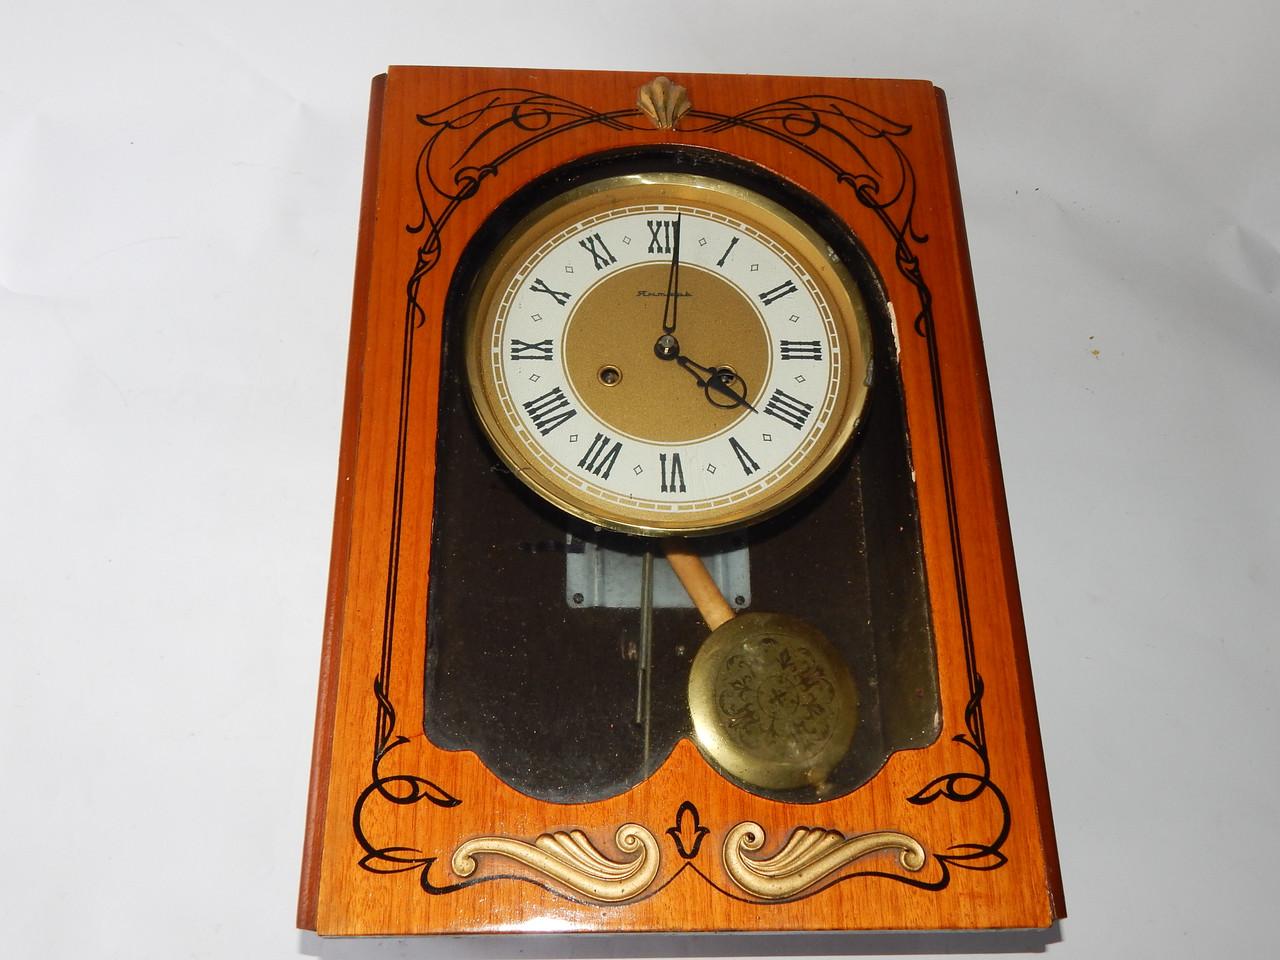 Цена боем часы продать с янтарь можно продать ссср где часы